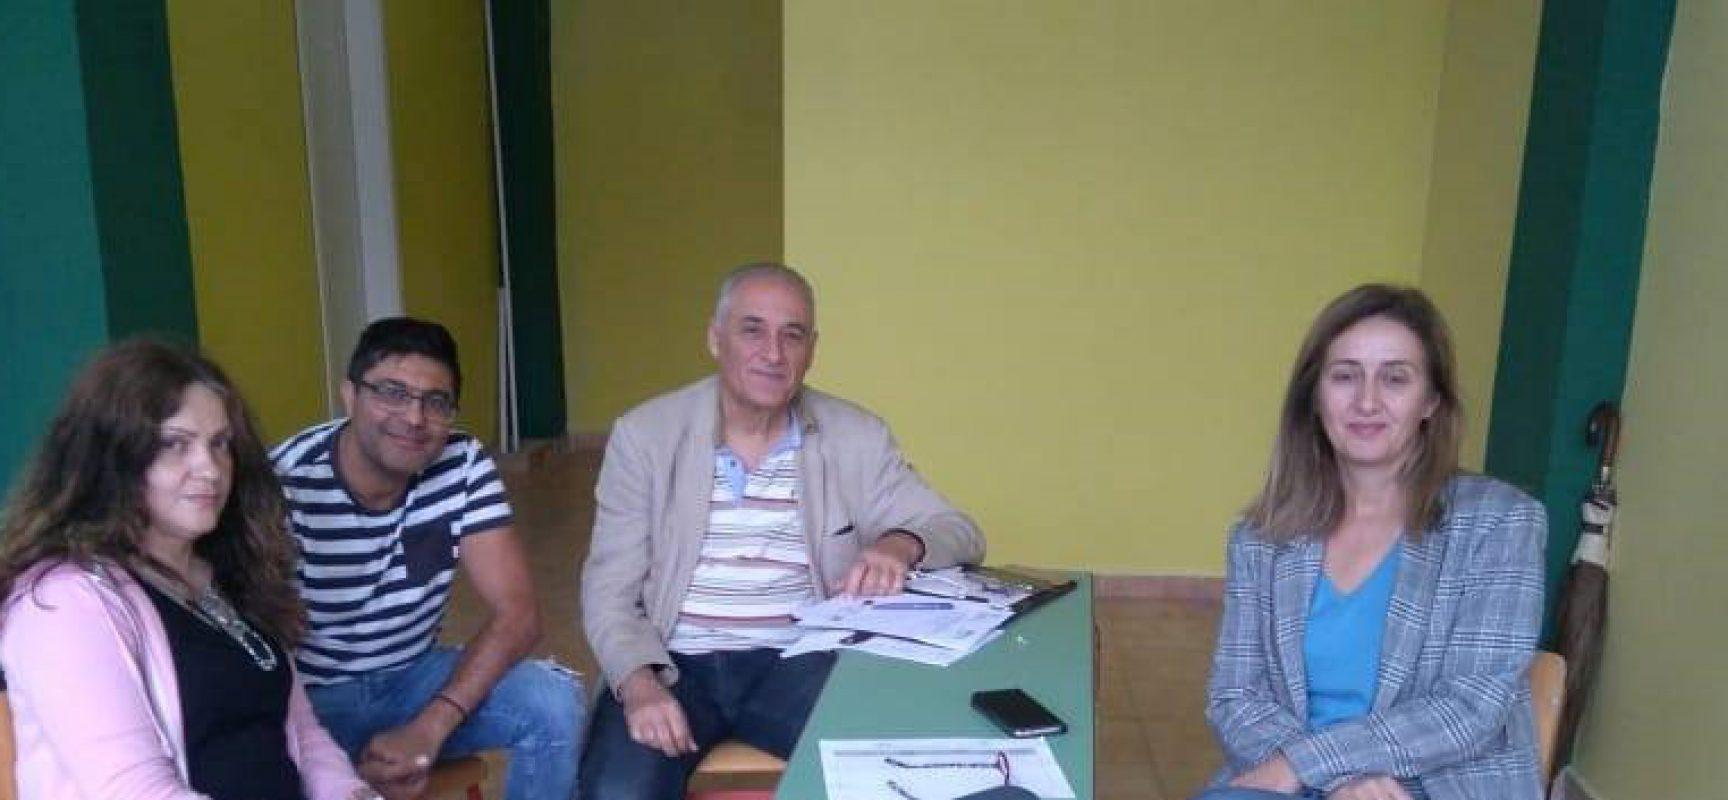 Συνάντηση εργασίας του Παραρτήματος Ρομά με τον  Διευθυντή της ΑΚΝΑ  Μπέλλη Βασίλειο